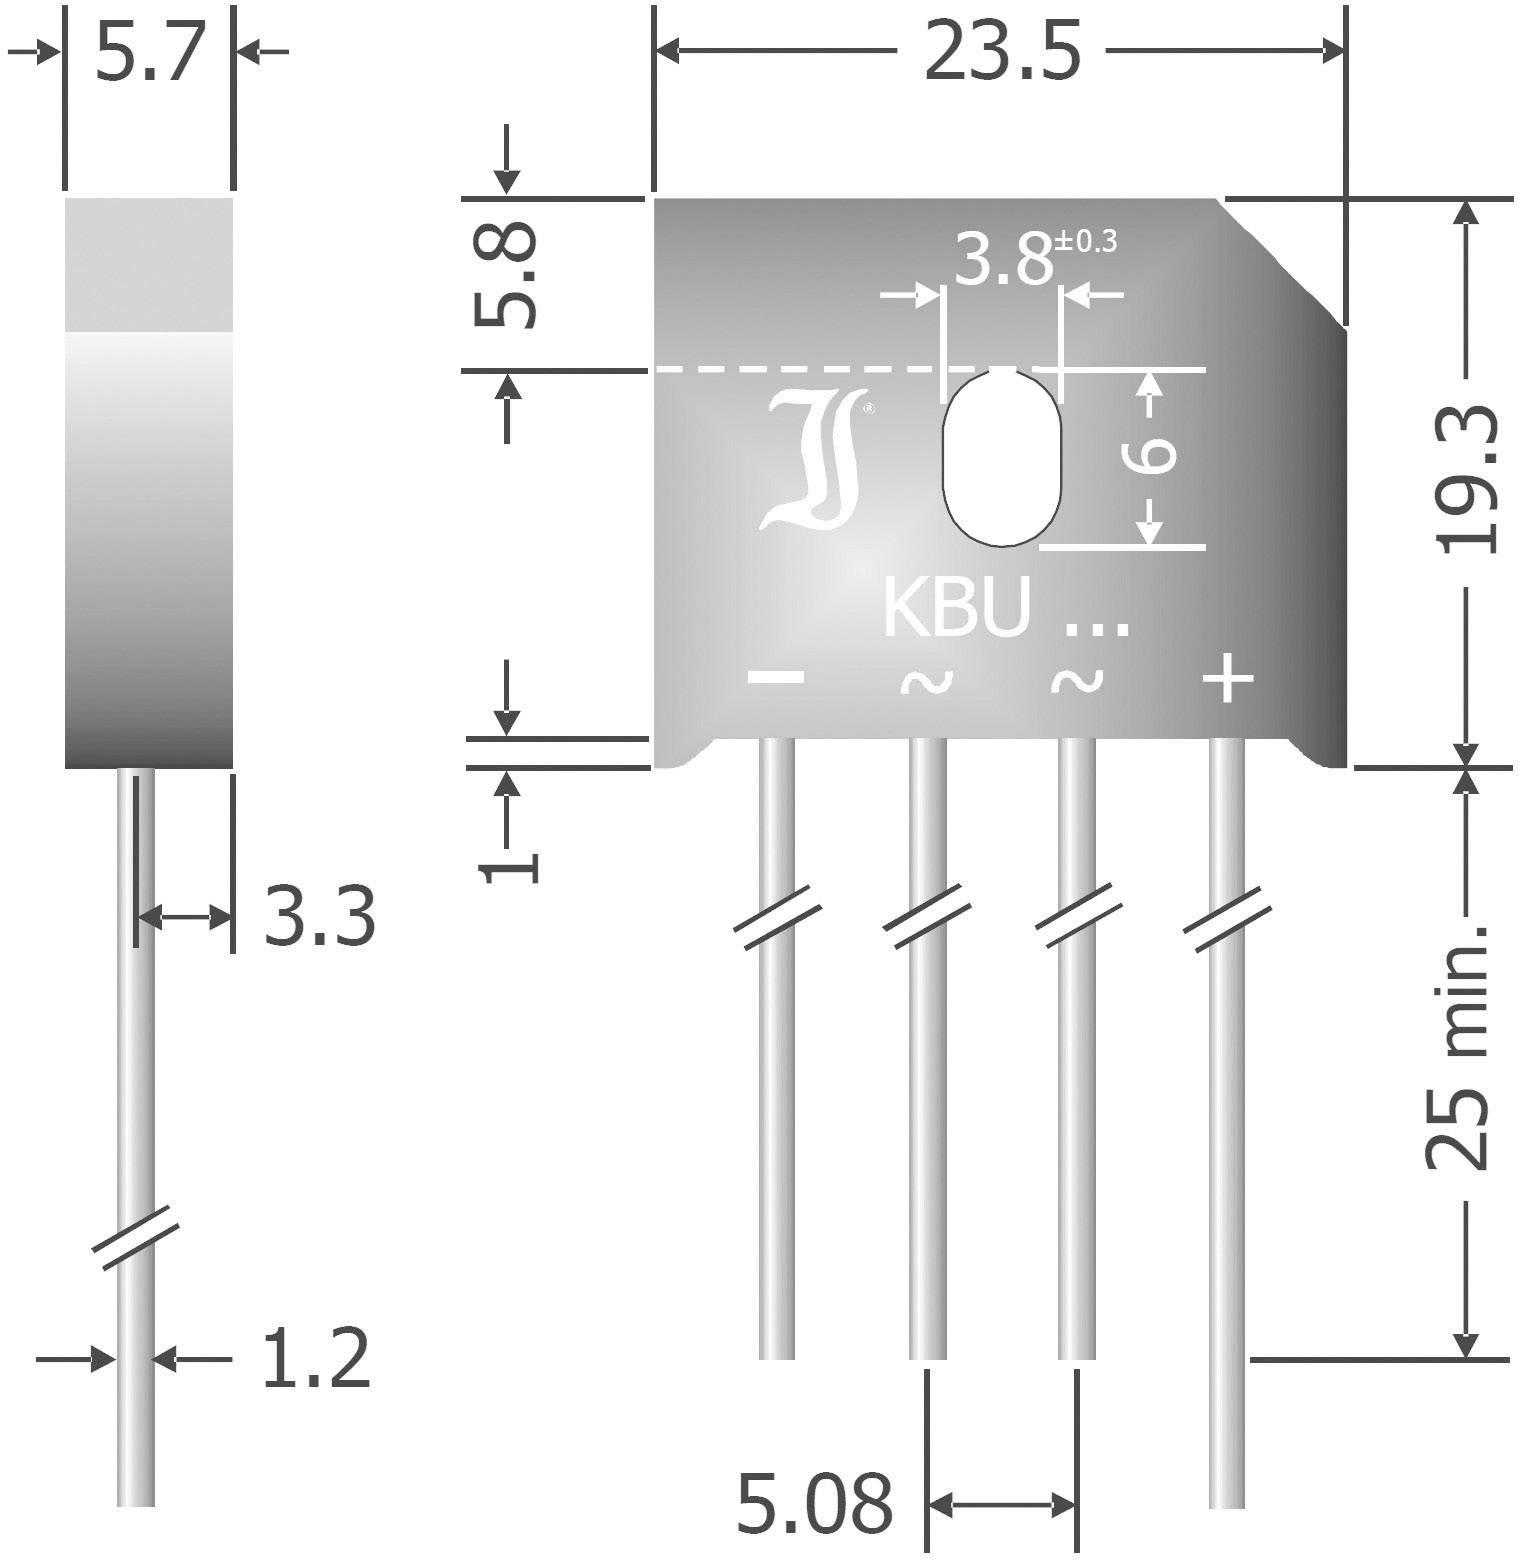 Křemíkový můstkový usměrňovač Diotec KBU12K, U(RRM) 800 V, 12 A, SIL